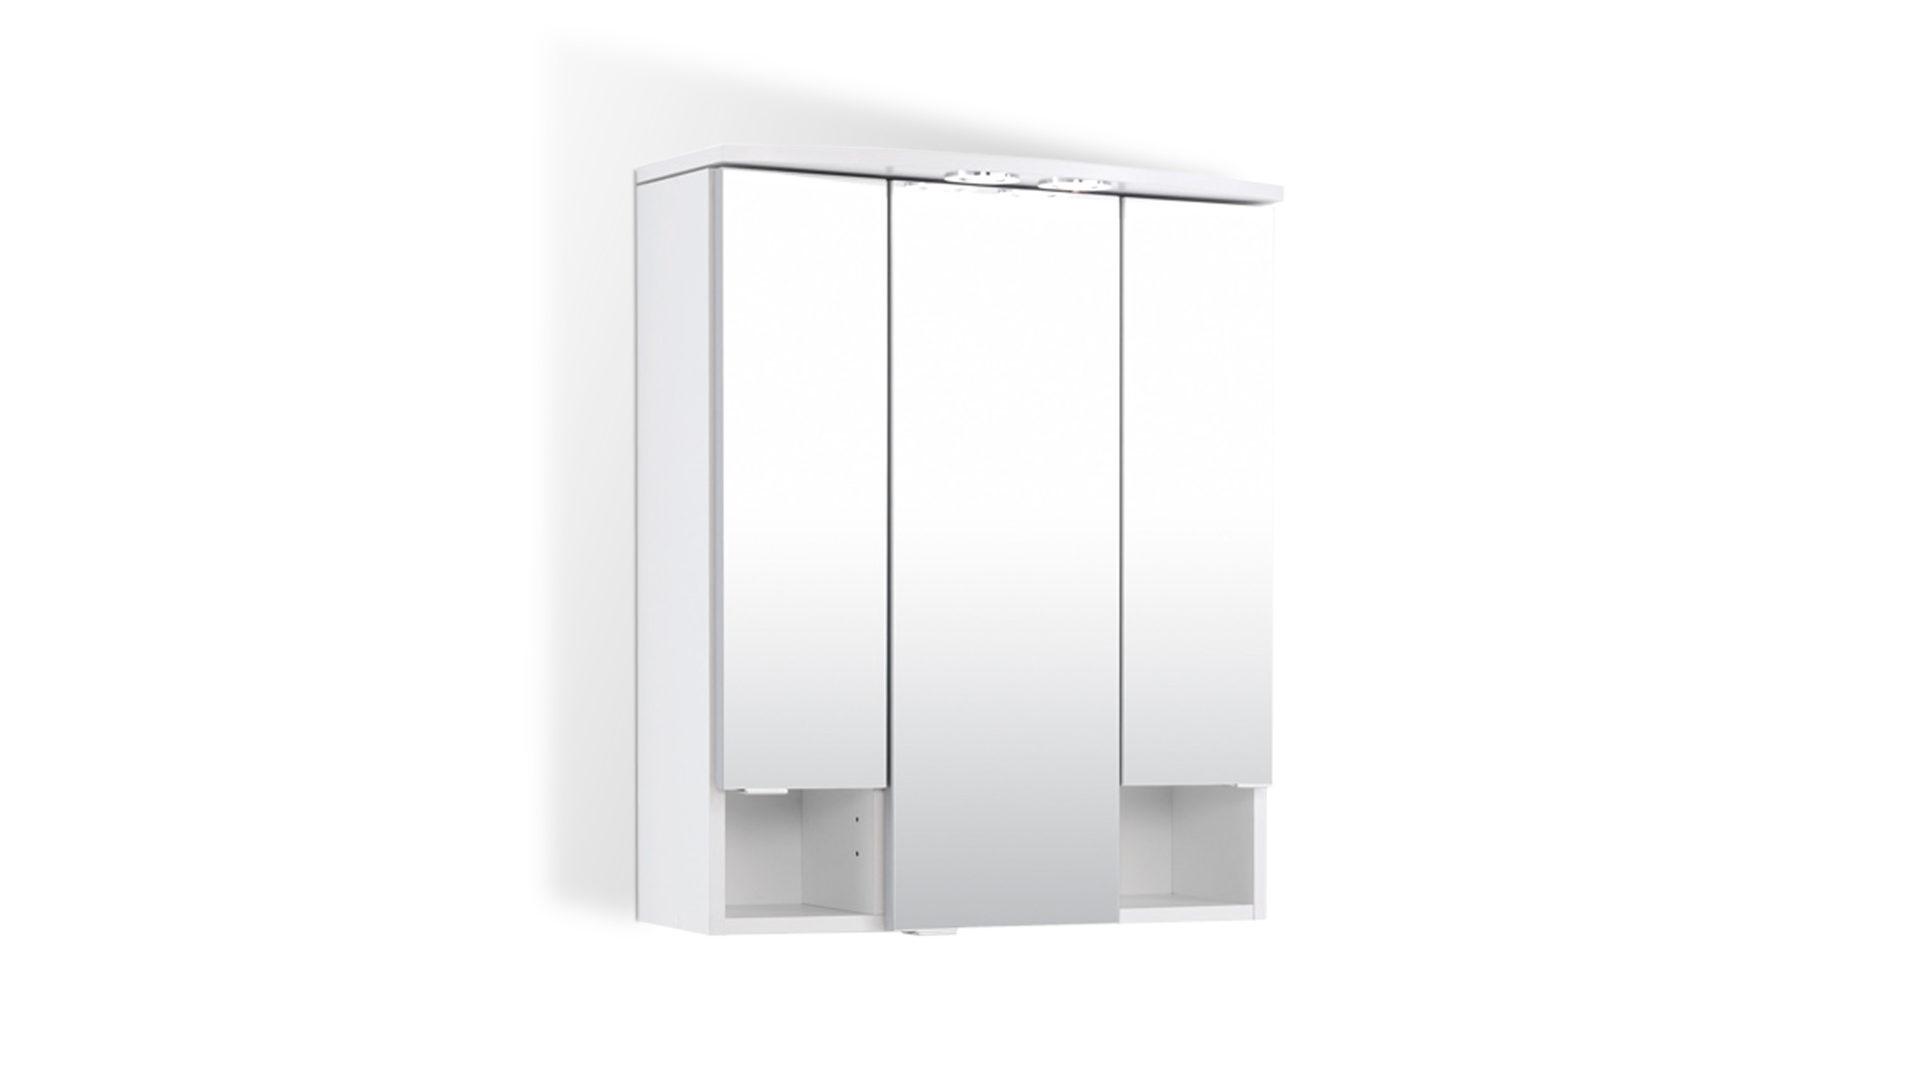 Spiegel Für Spiegelschrank hoffmann möbel guben räume badezimmer spiegelschränke spiegel